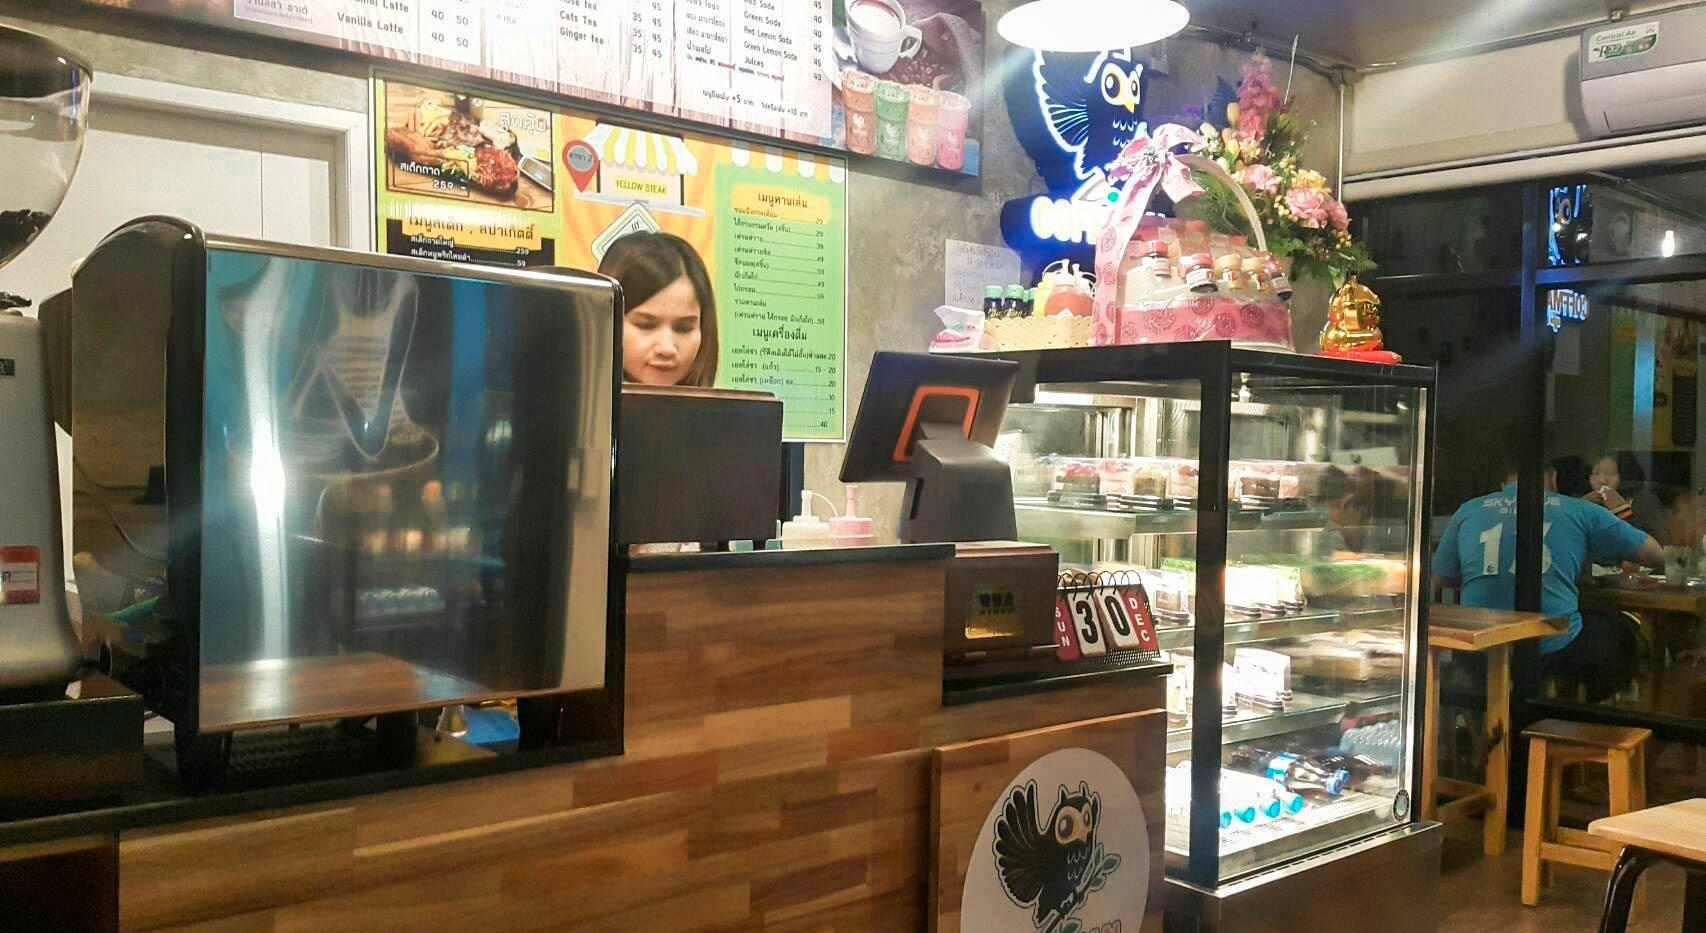 ด้านหน้าจุดสั่งกาแฟร้านกาแฟคอฟแมนศรีสะเกษ